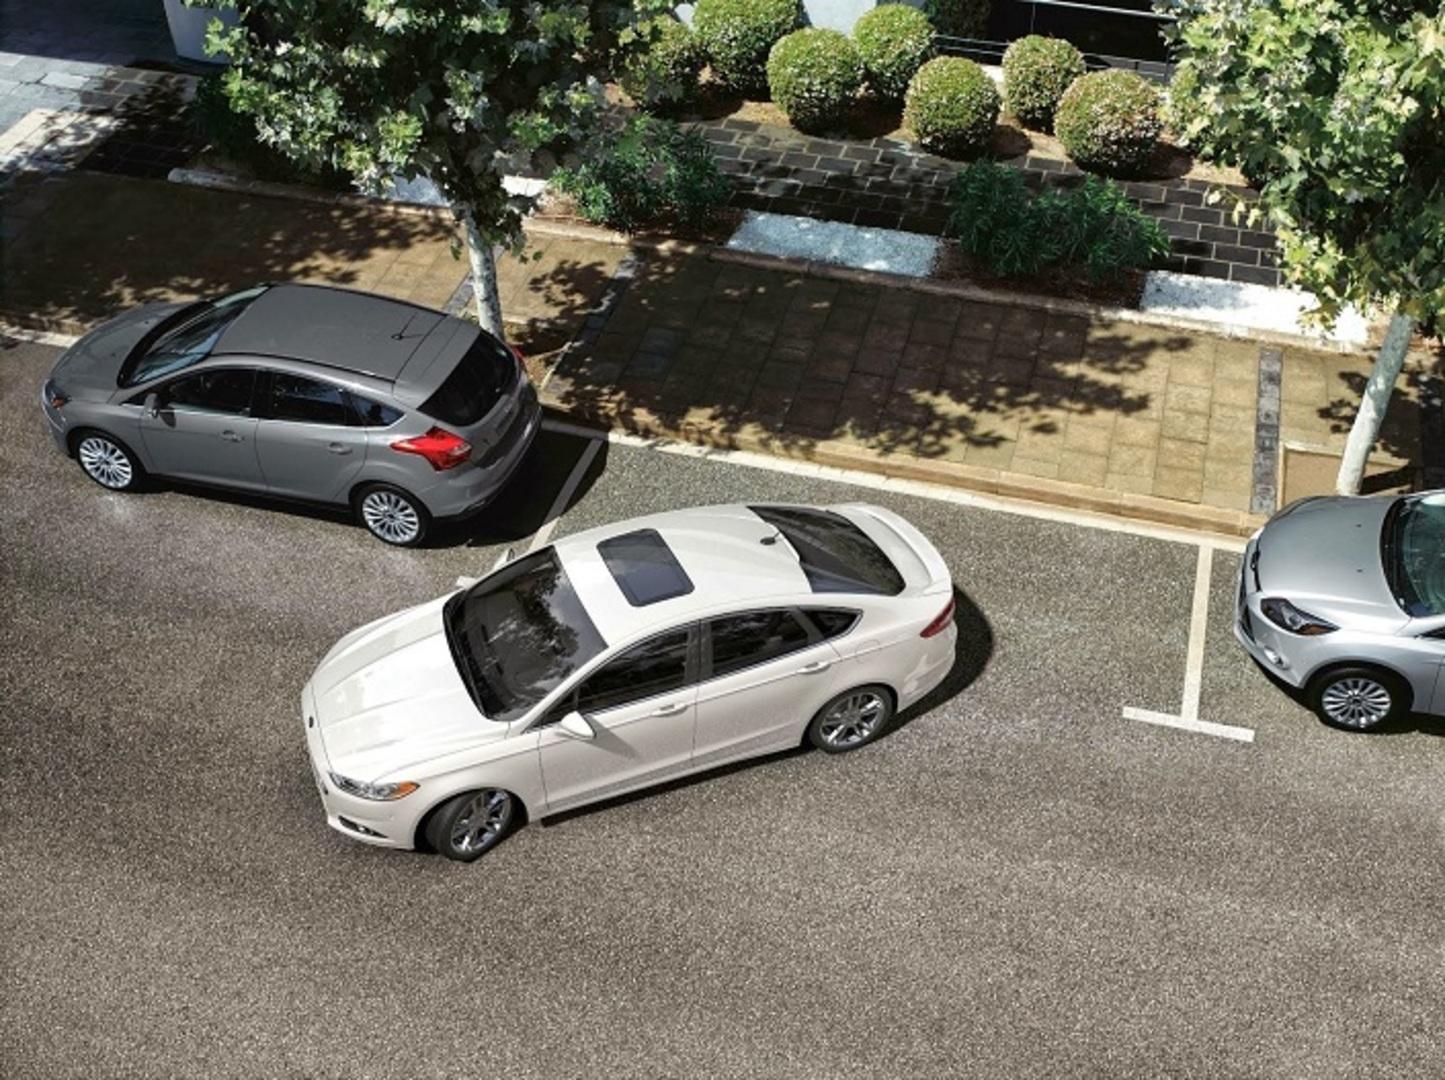 دانستني هاي جديد در مورد نحوه پارک کردن خودرو